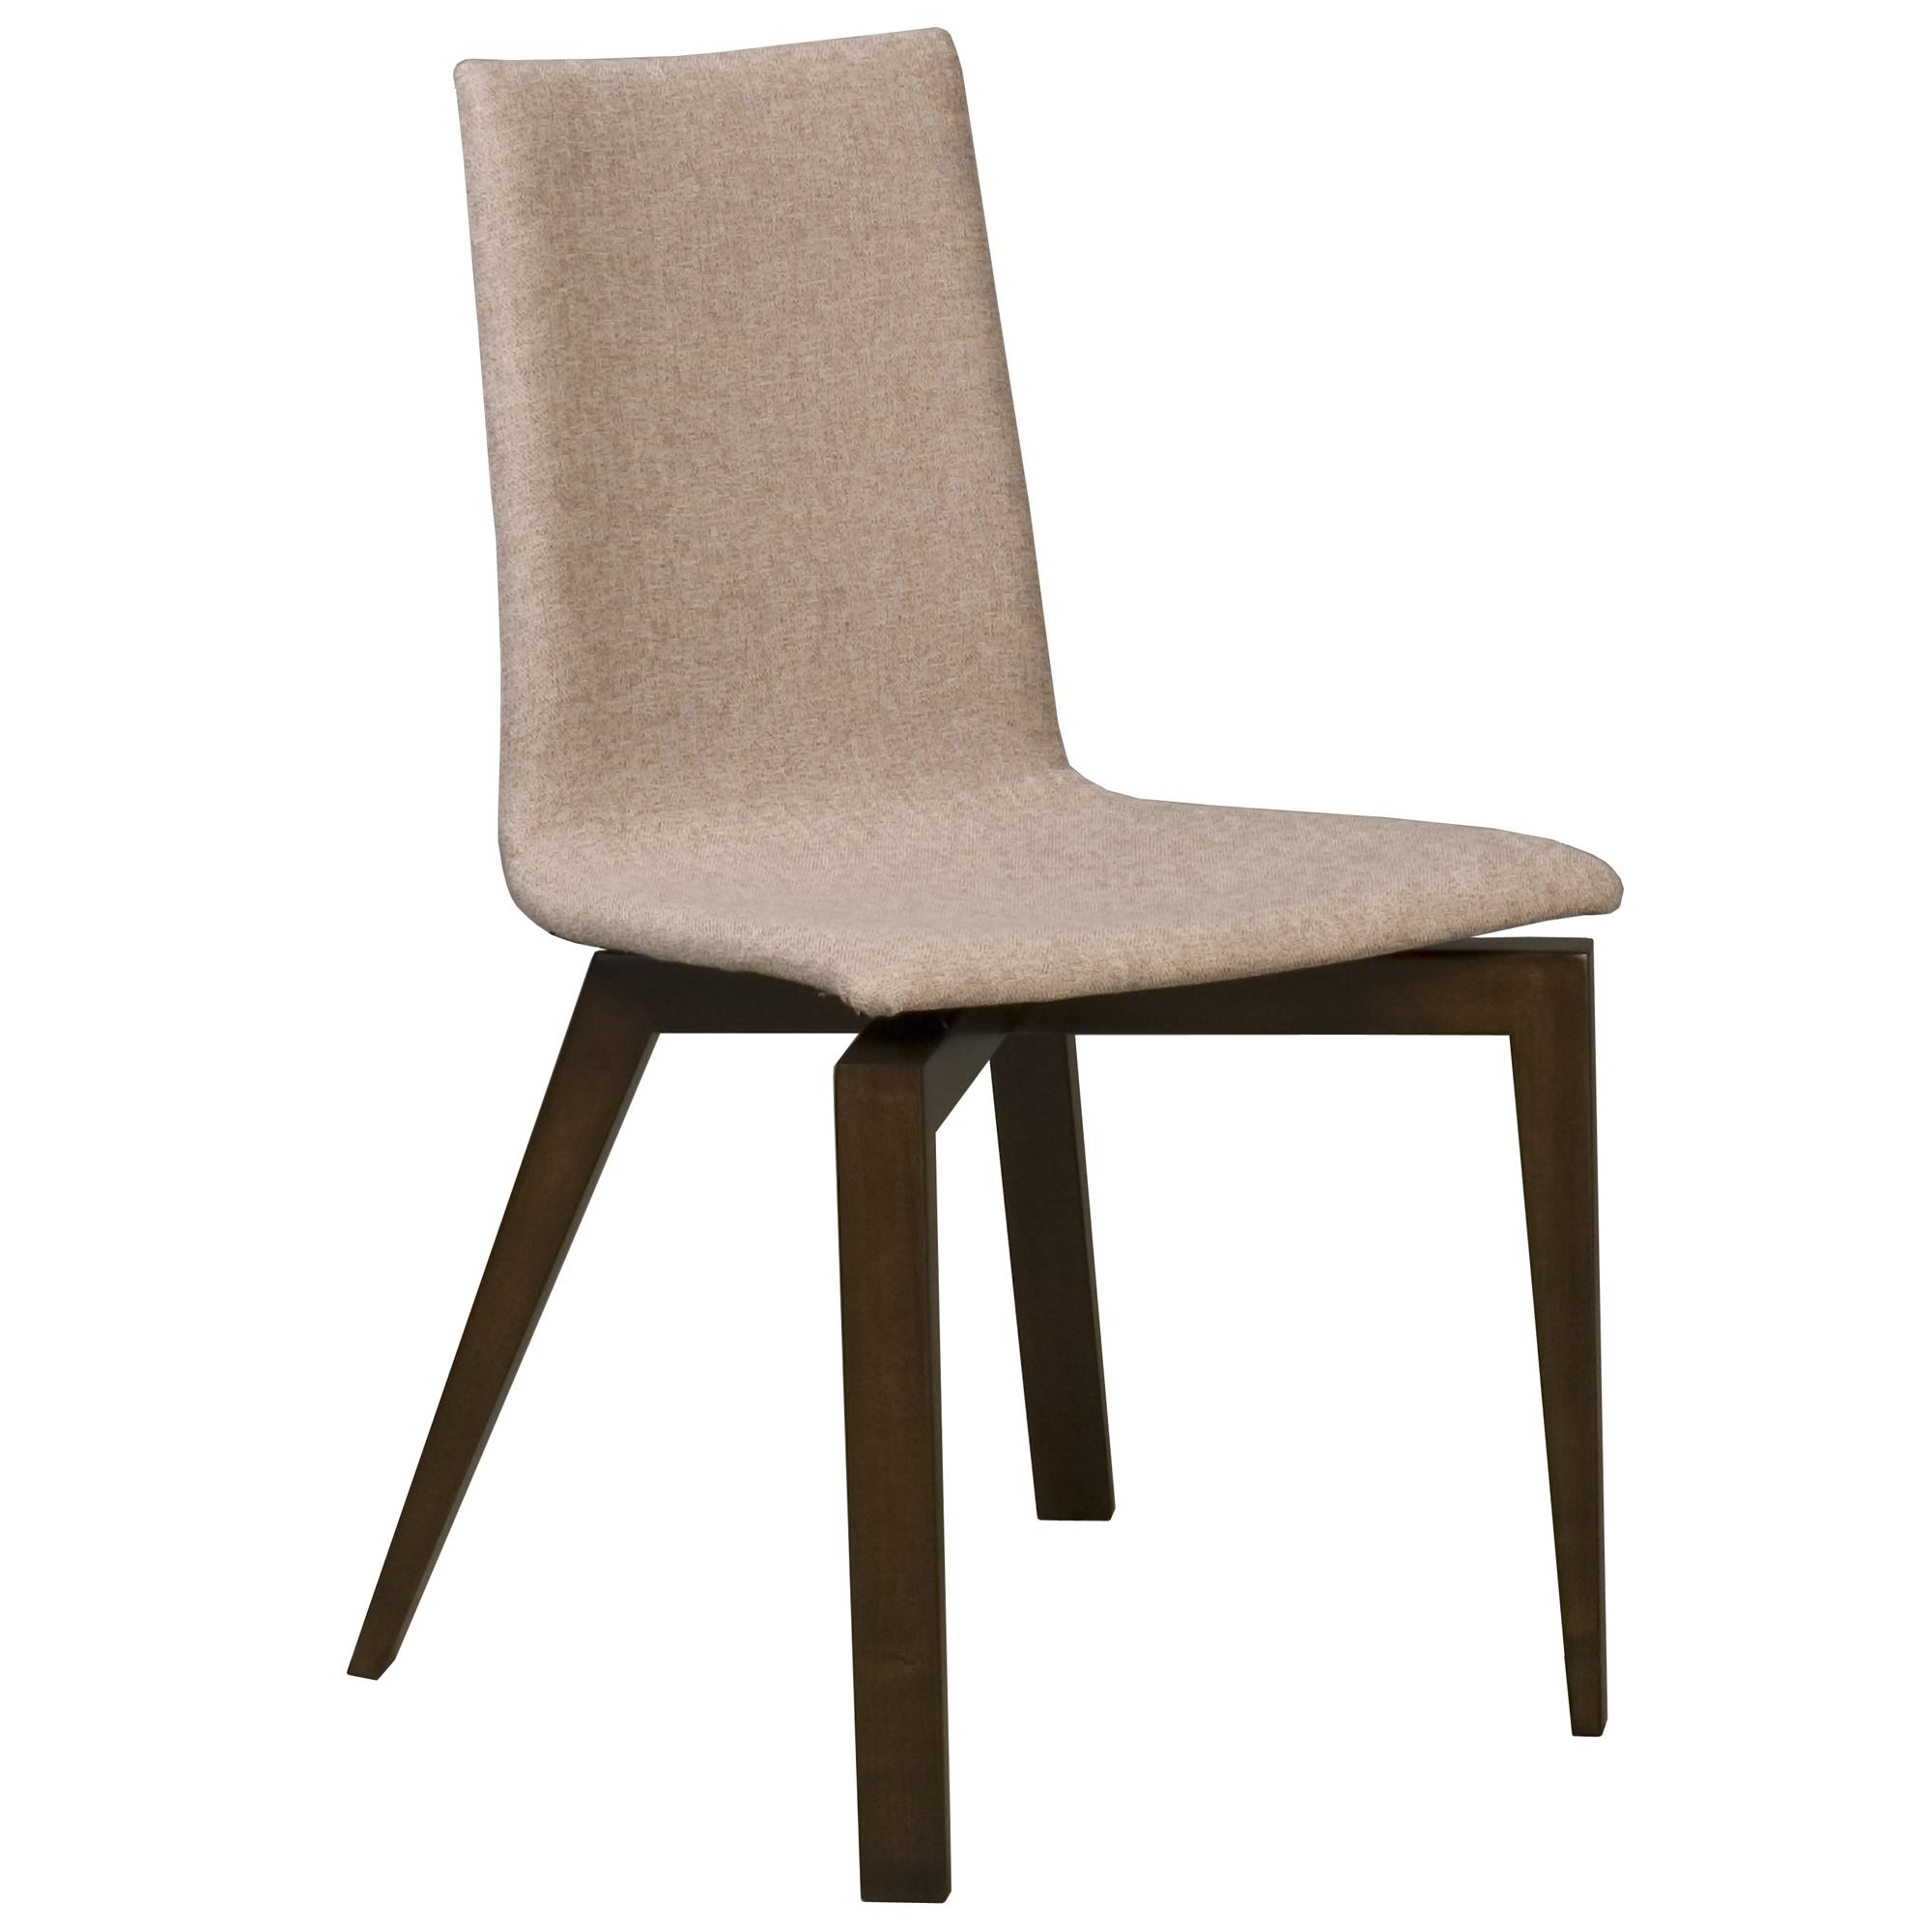 slipu side chair - Saloom Furniture